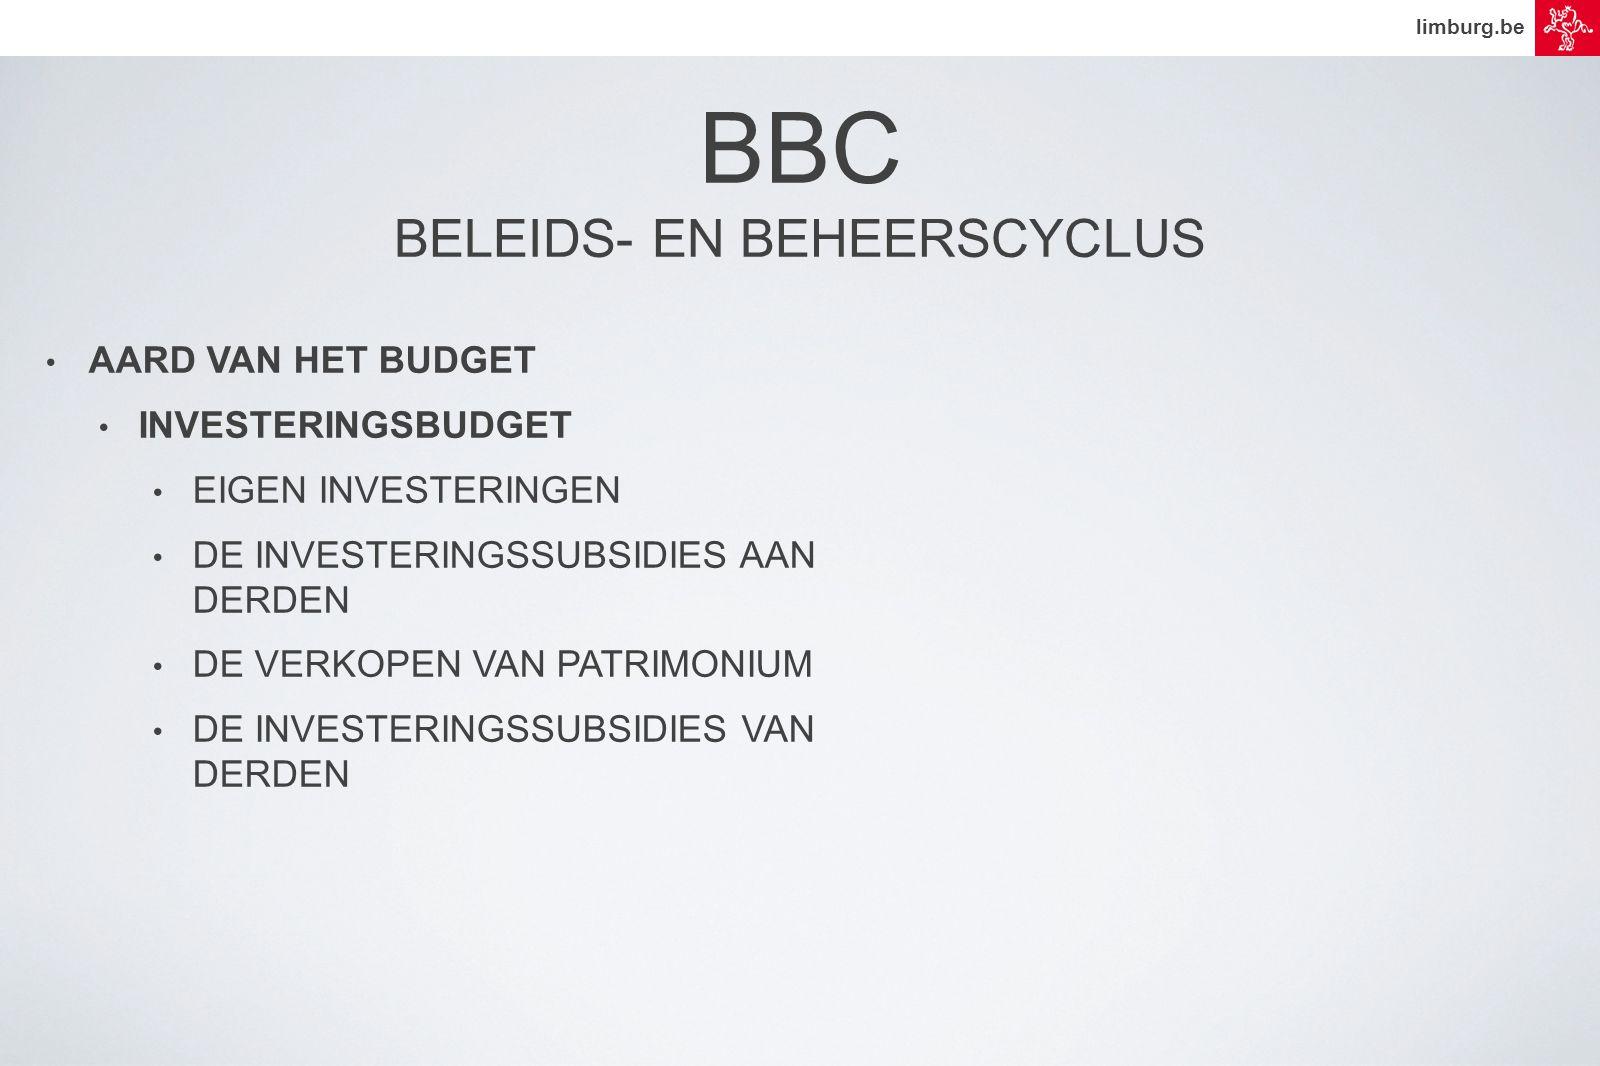 limburg.be • AARD VAN HET BUDGET • INVESTERINGSBUDGET • EIGEN INVESTERINGEN • DE INVESTERINGSSUBSIDIES AAN DERDEN • DE VERKOPEN VAN PATRIMONIUM • DE INVESTERINGSSUBSIDIES VAN DERDEN BBC BELEIDS- EN BEHEERSCYCLUS